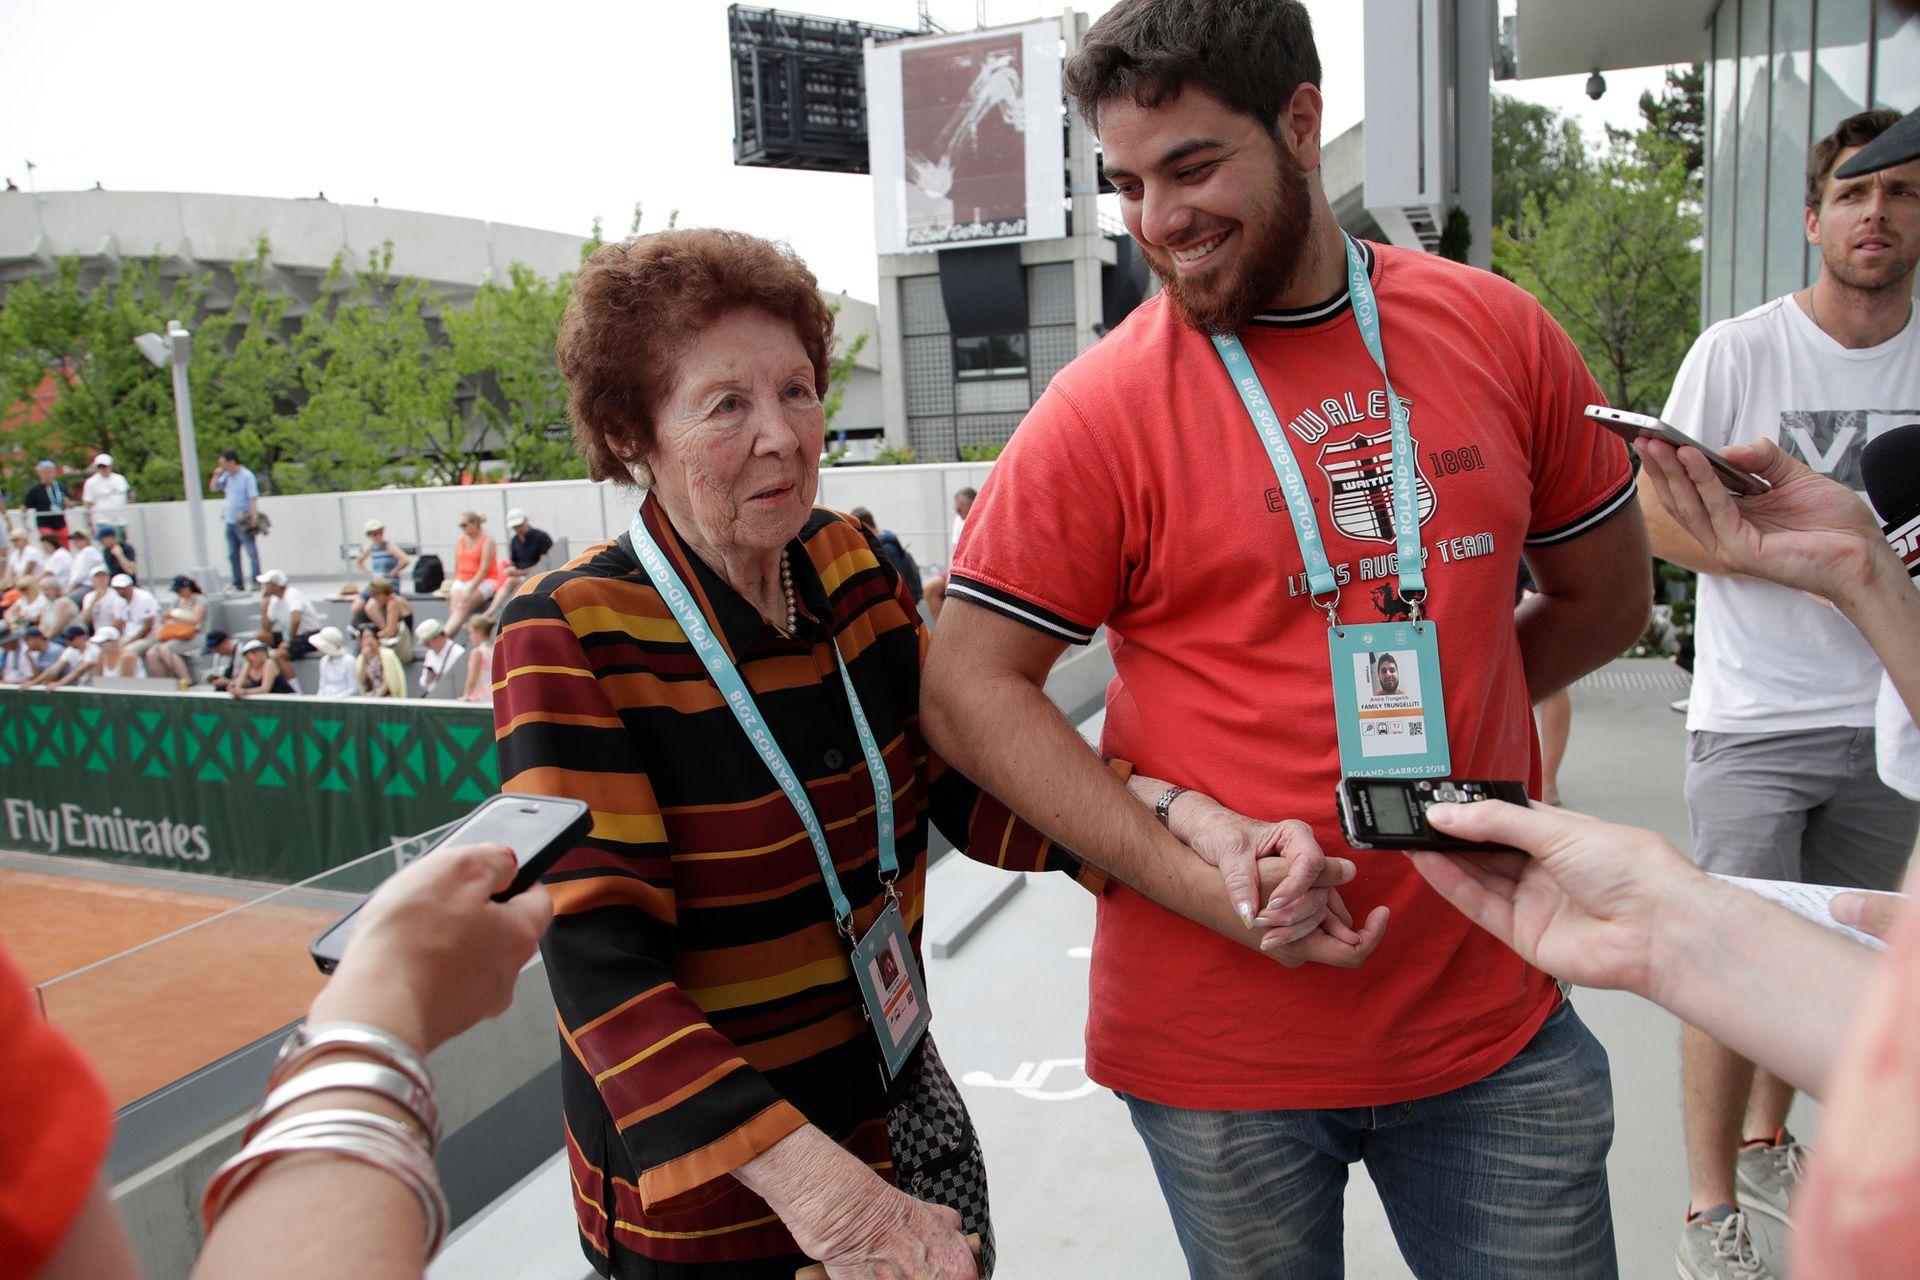 La abuela y el hermano de Trungelliti, estrellas entrevistadas por la prensa internacional en Roland Garros